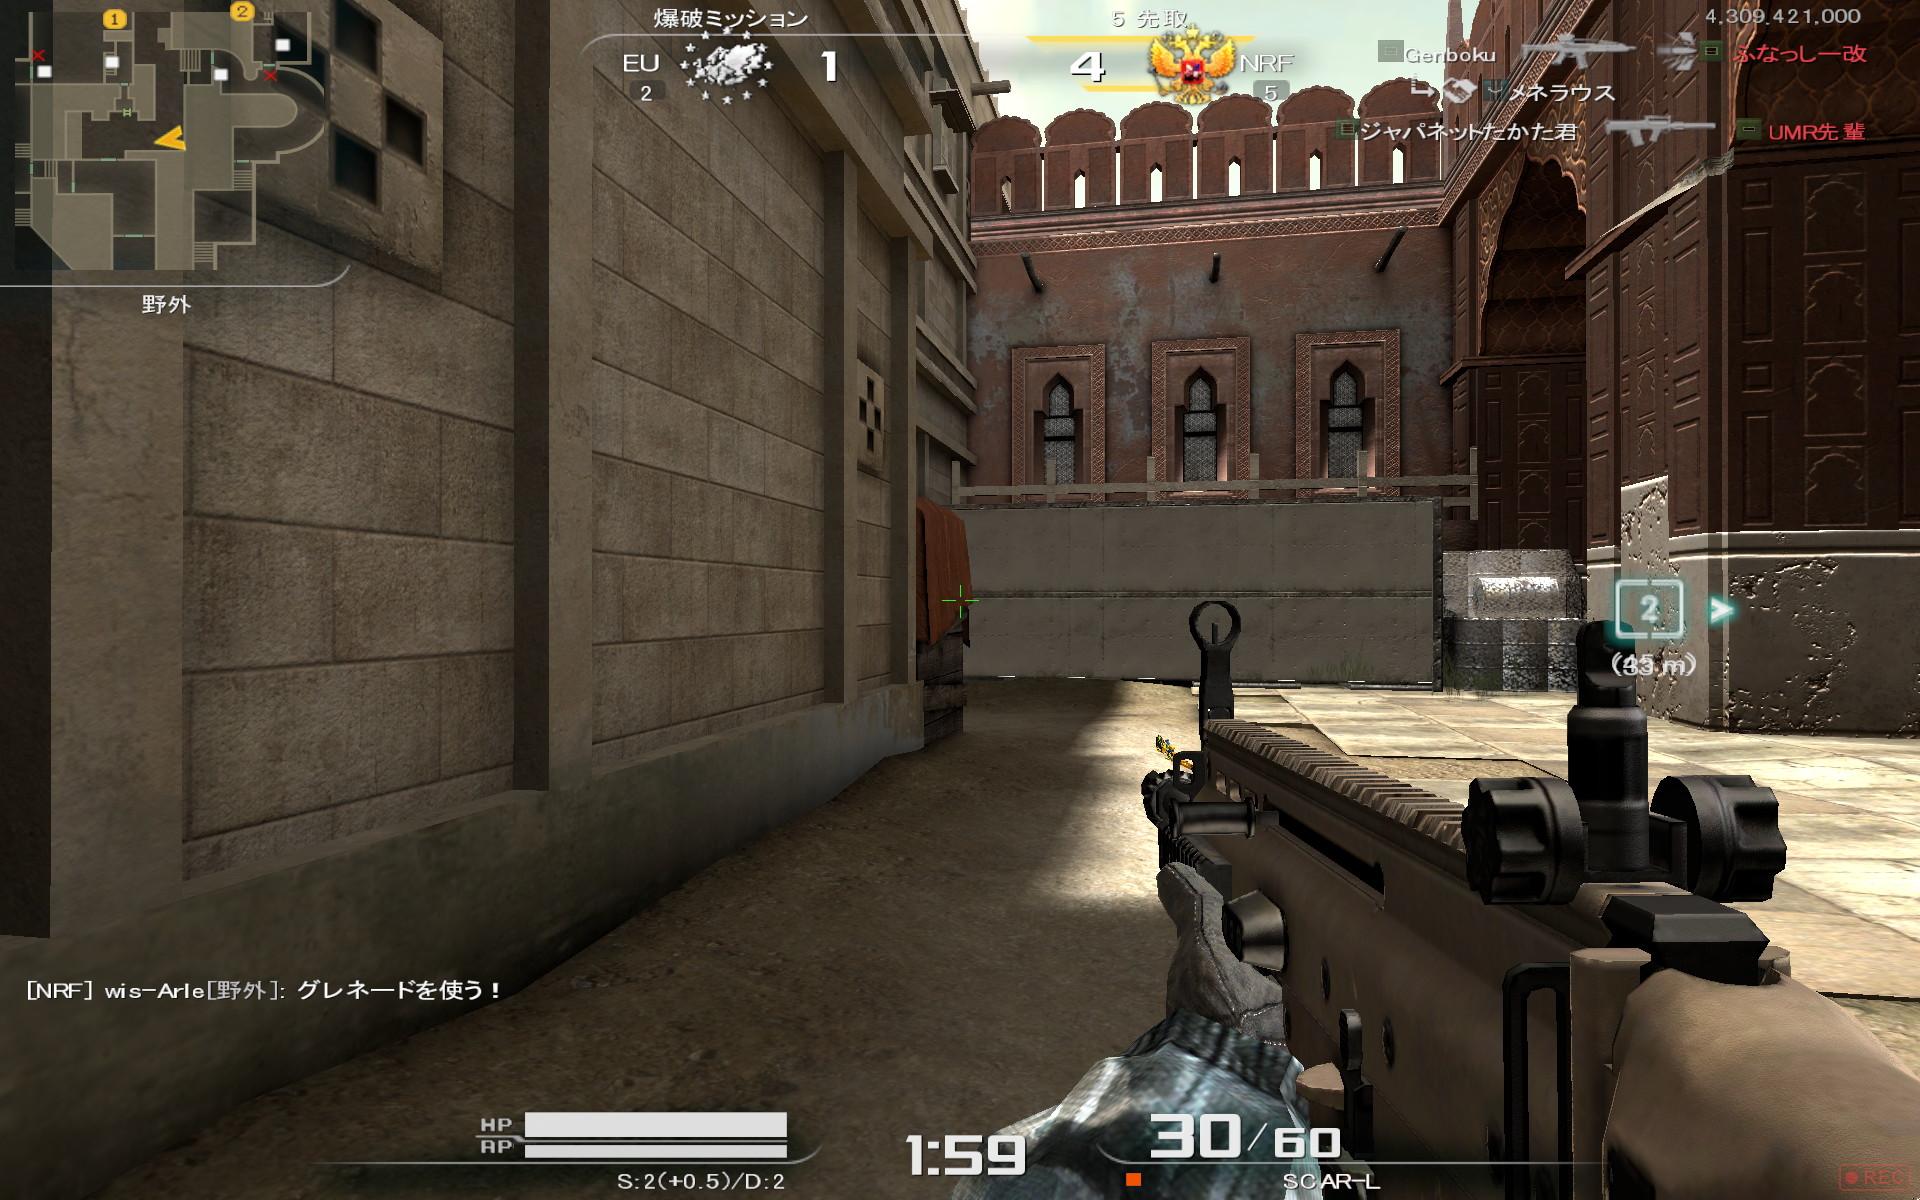 実在の銃が登場するリアル系FPS